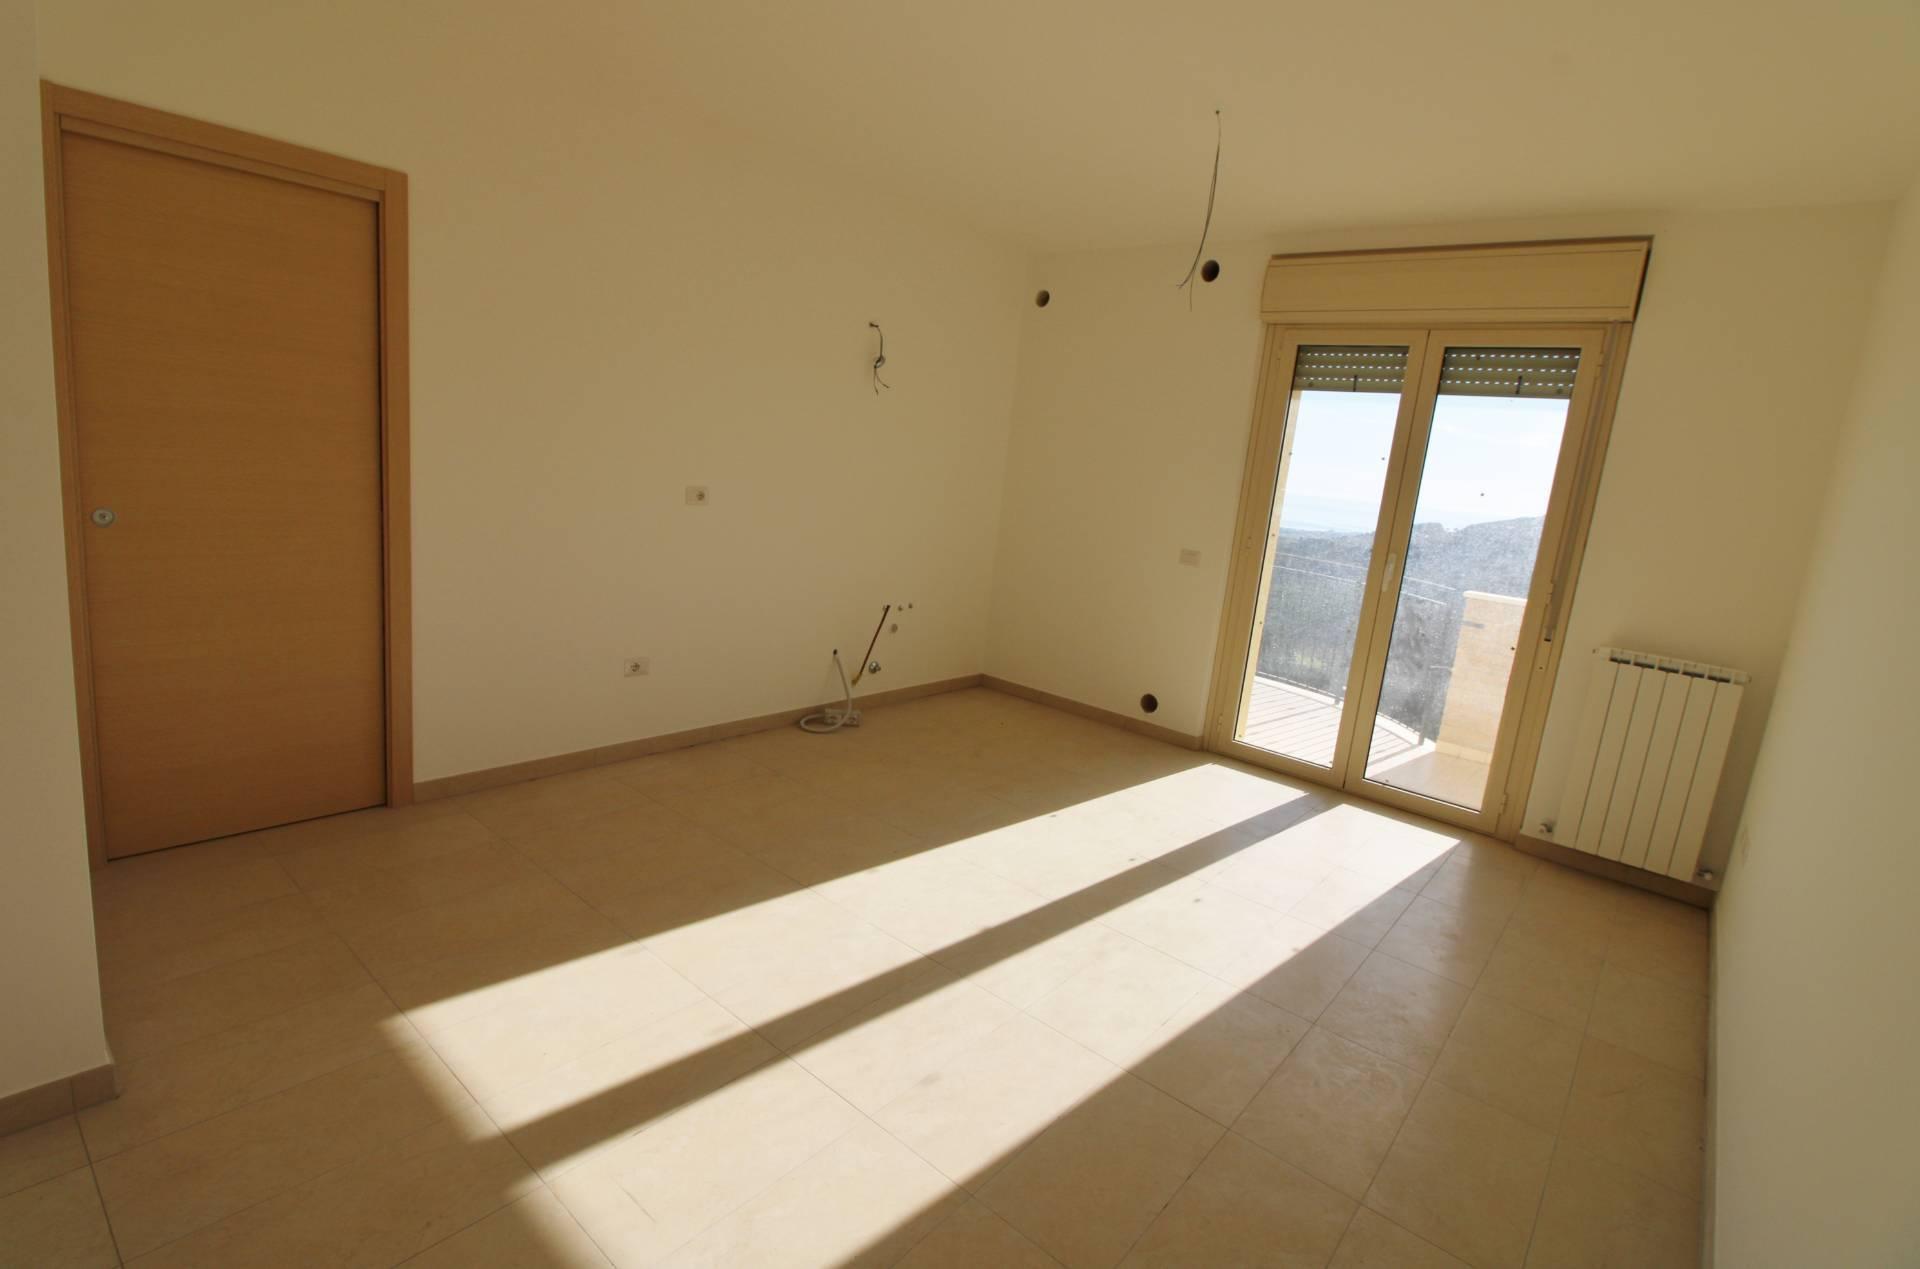 Appartamento in vendita a Colonnella, 3 locali, prezzo € 127.500 | PortaleAgenzieImmobiliari.it